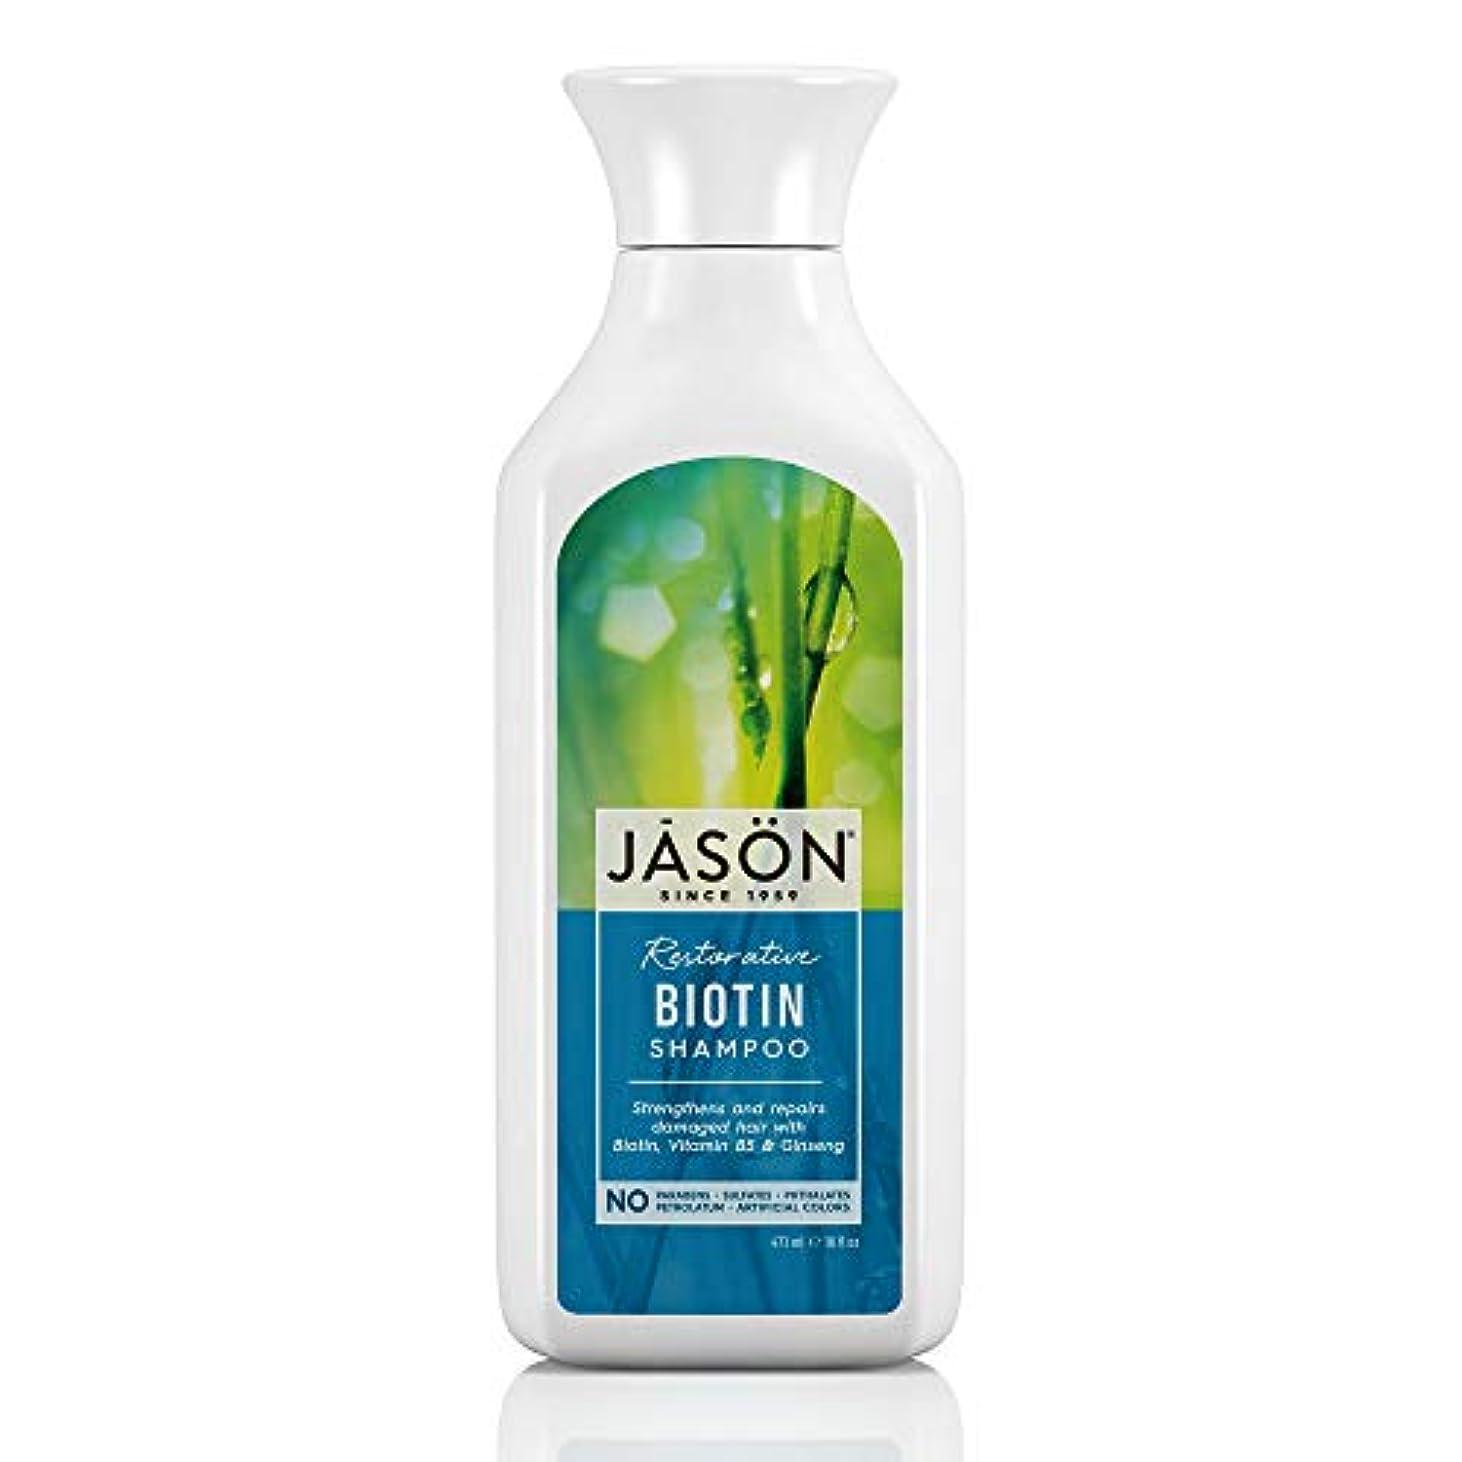 説得ローブ直立Jason Natural Products Natural Biotin Shampoo 473 ml (並行輸入品)